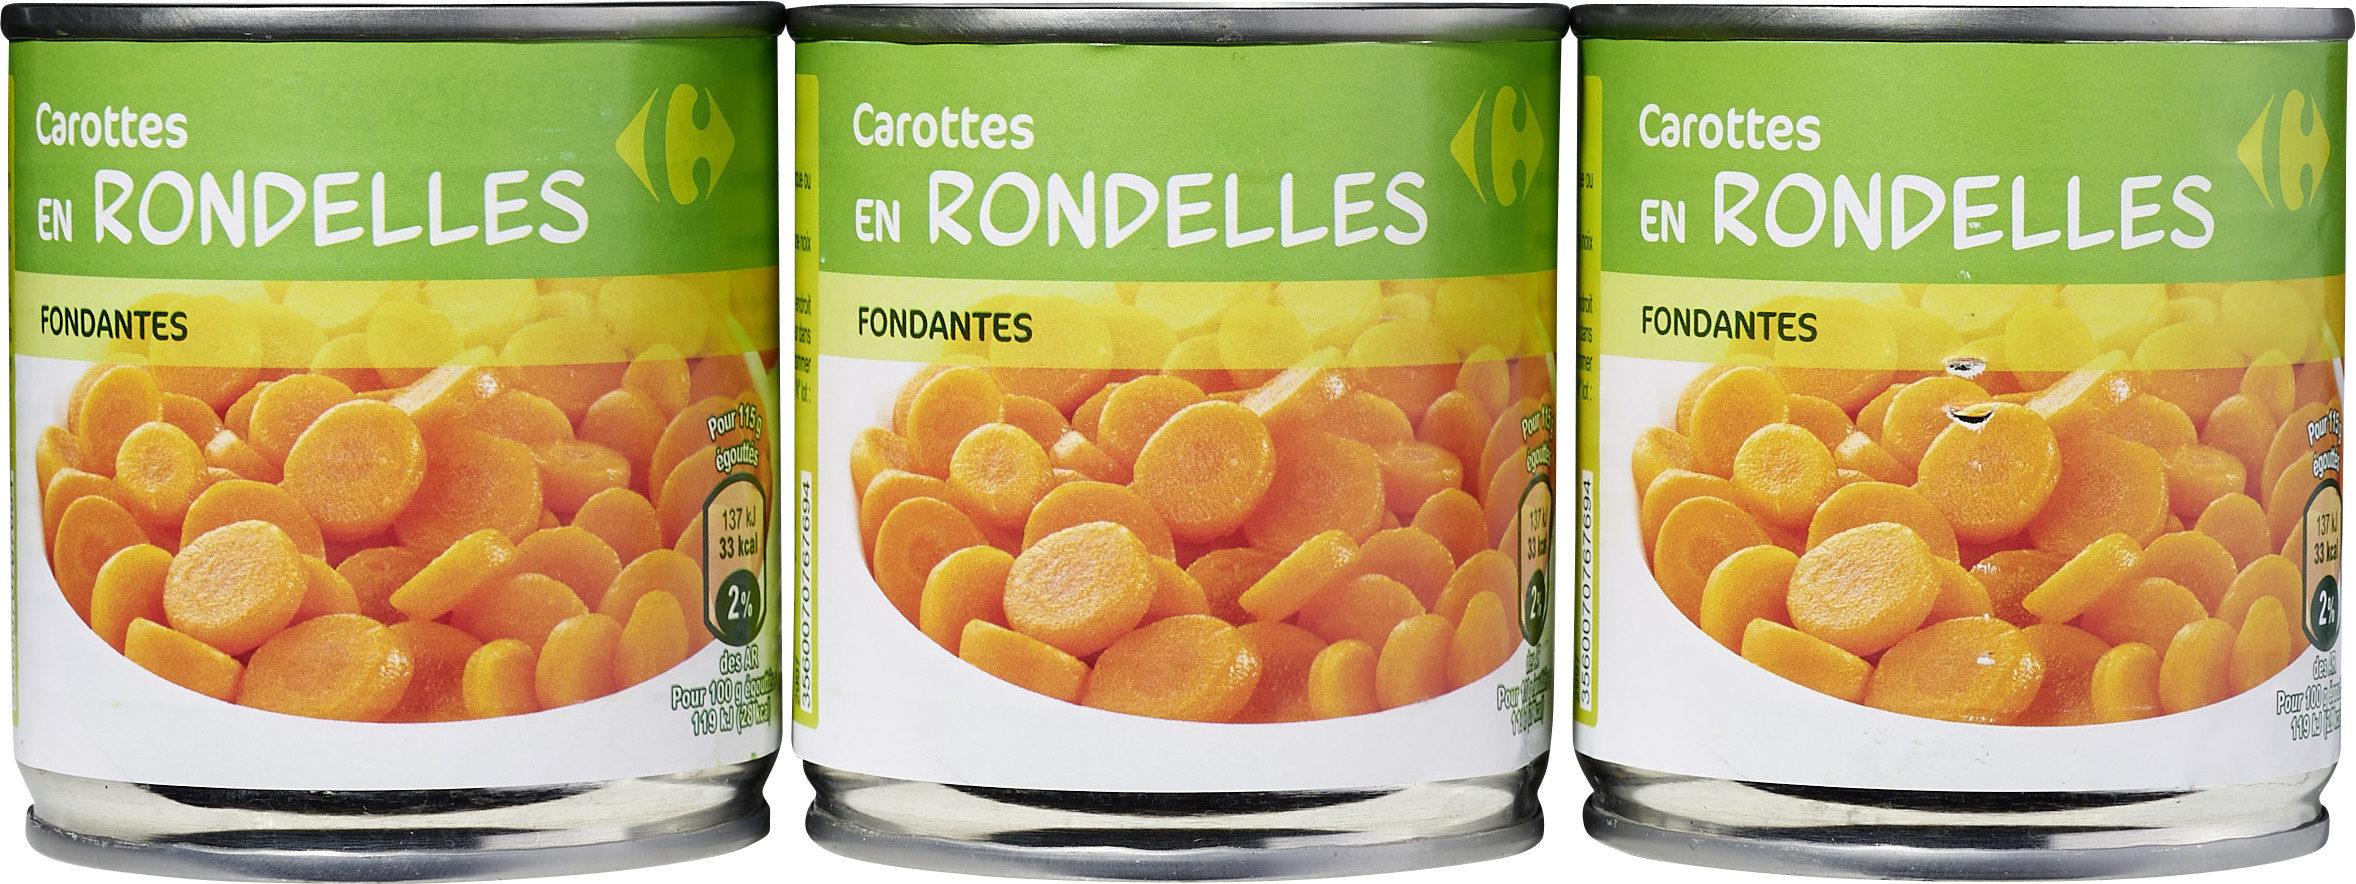 Carottes en rondelles - Lot de 3 - Produit